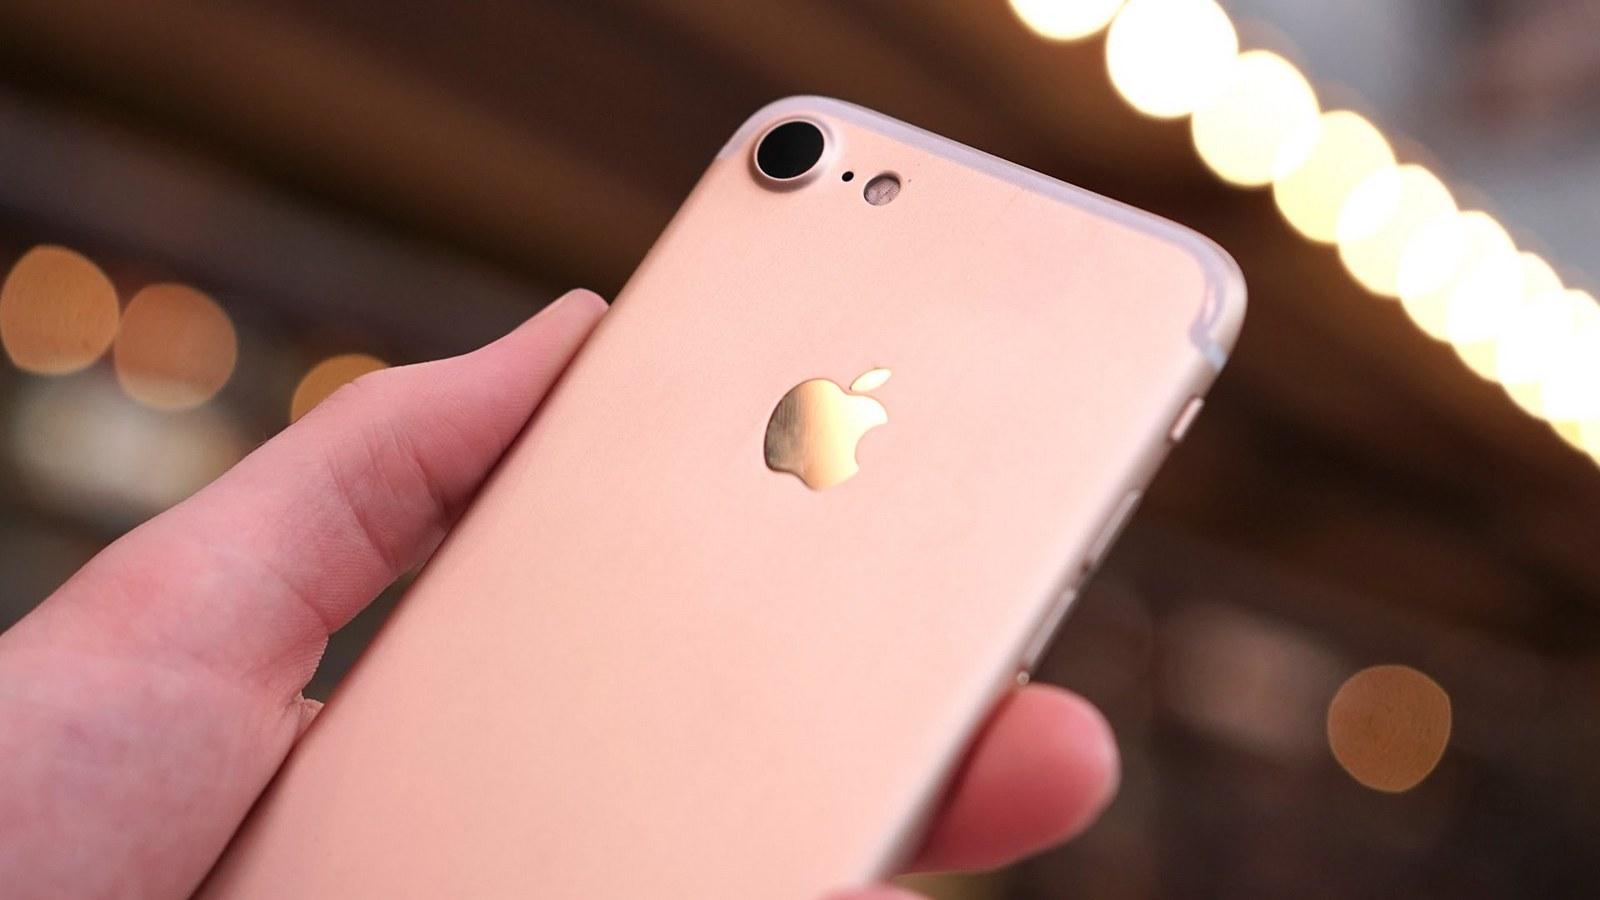 Restore original photo iphone